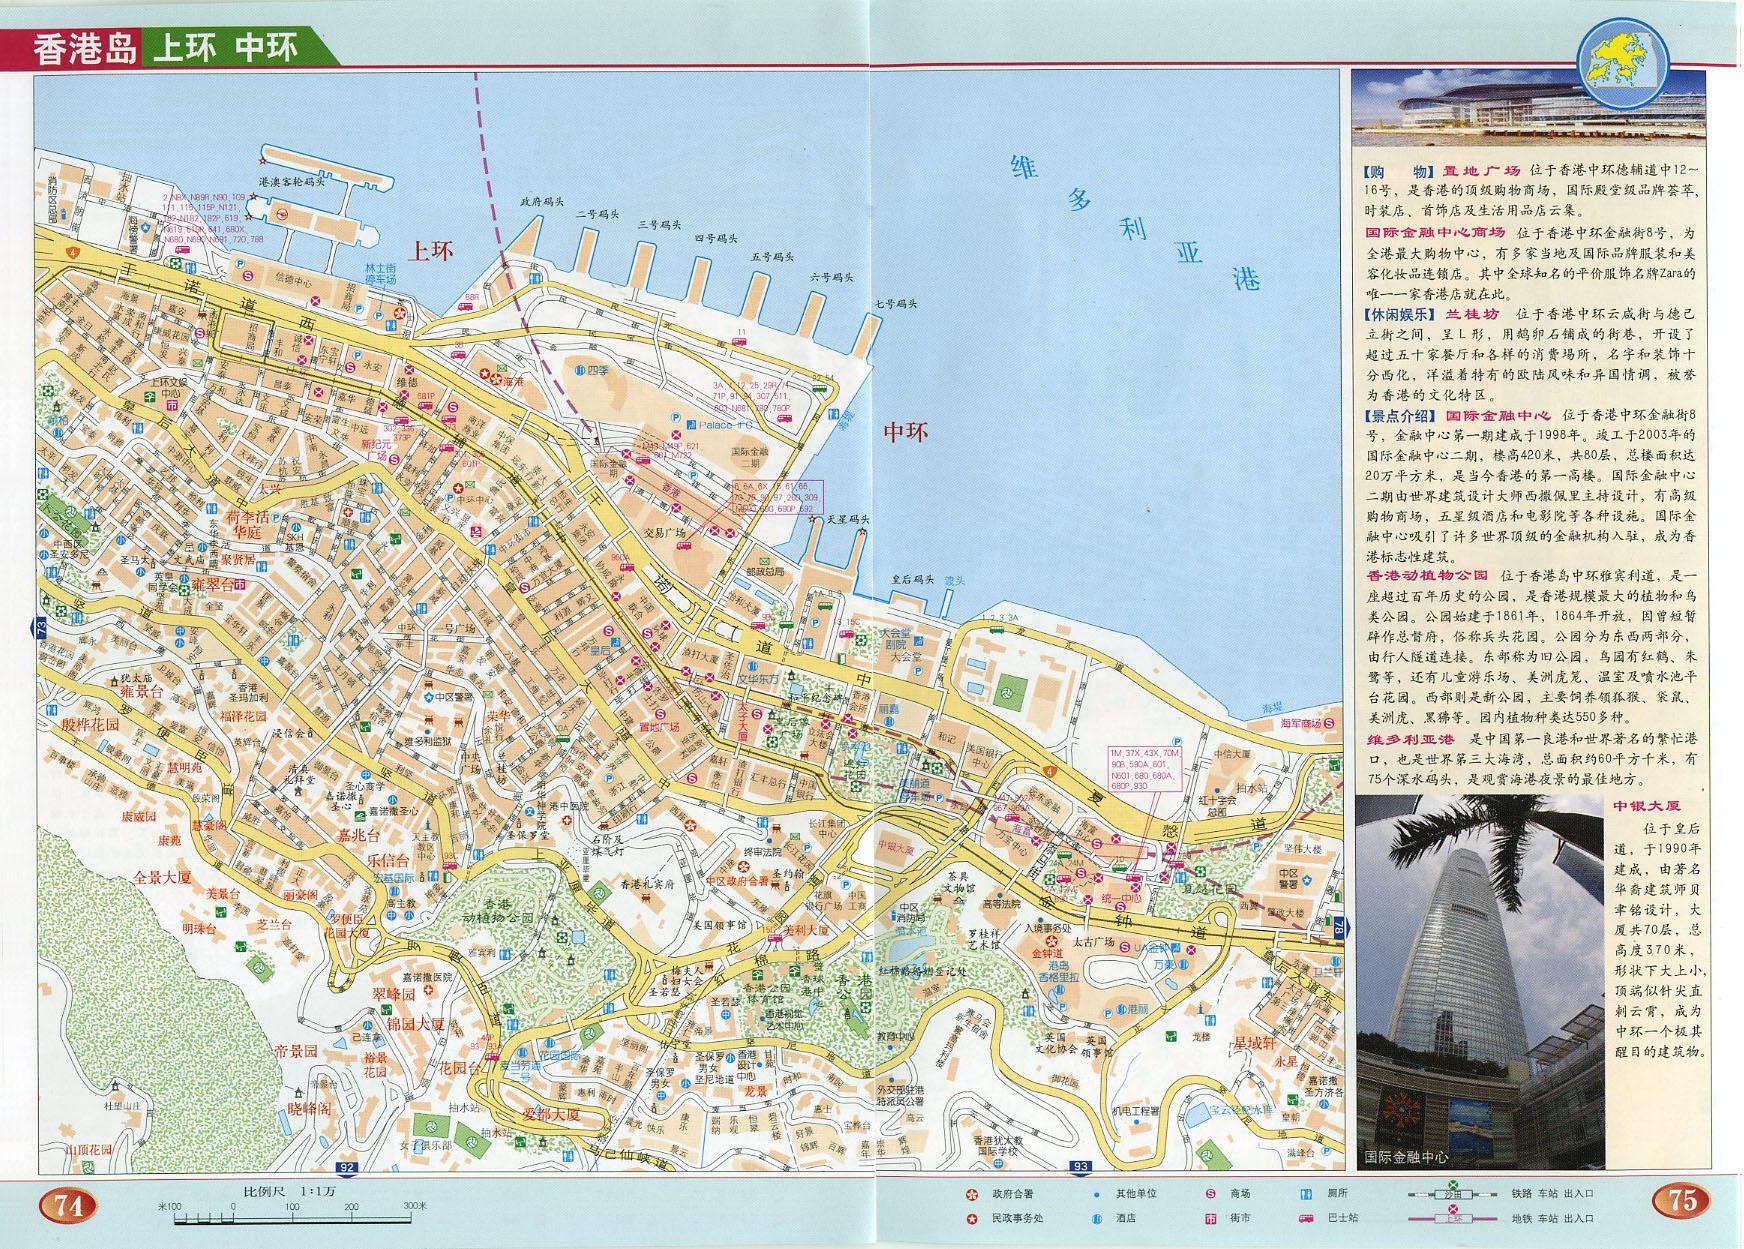 香港岛 中环地图高清版